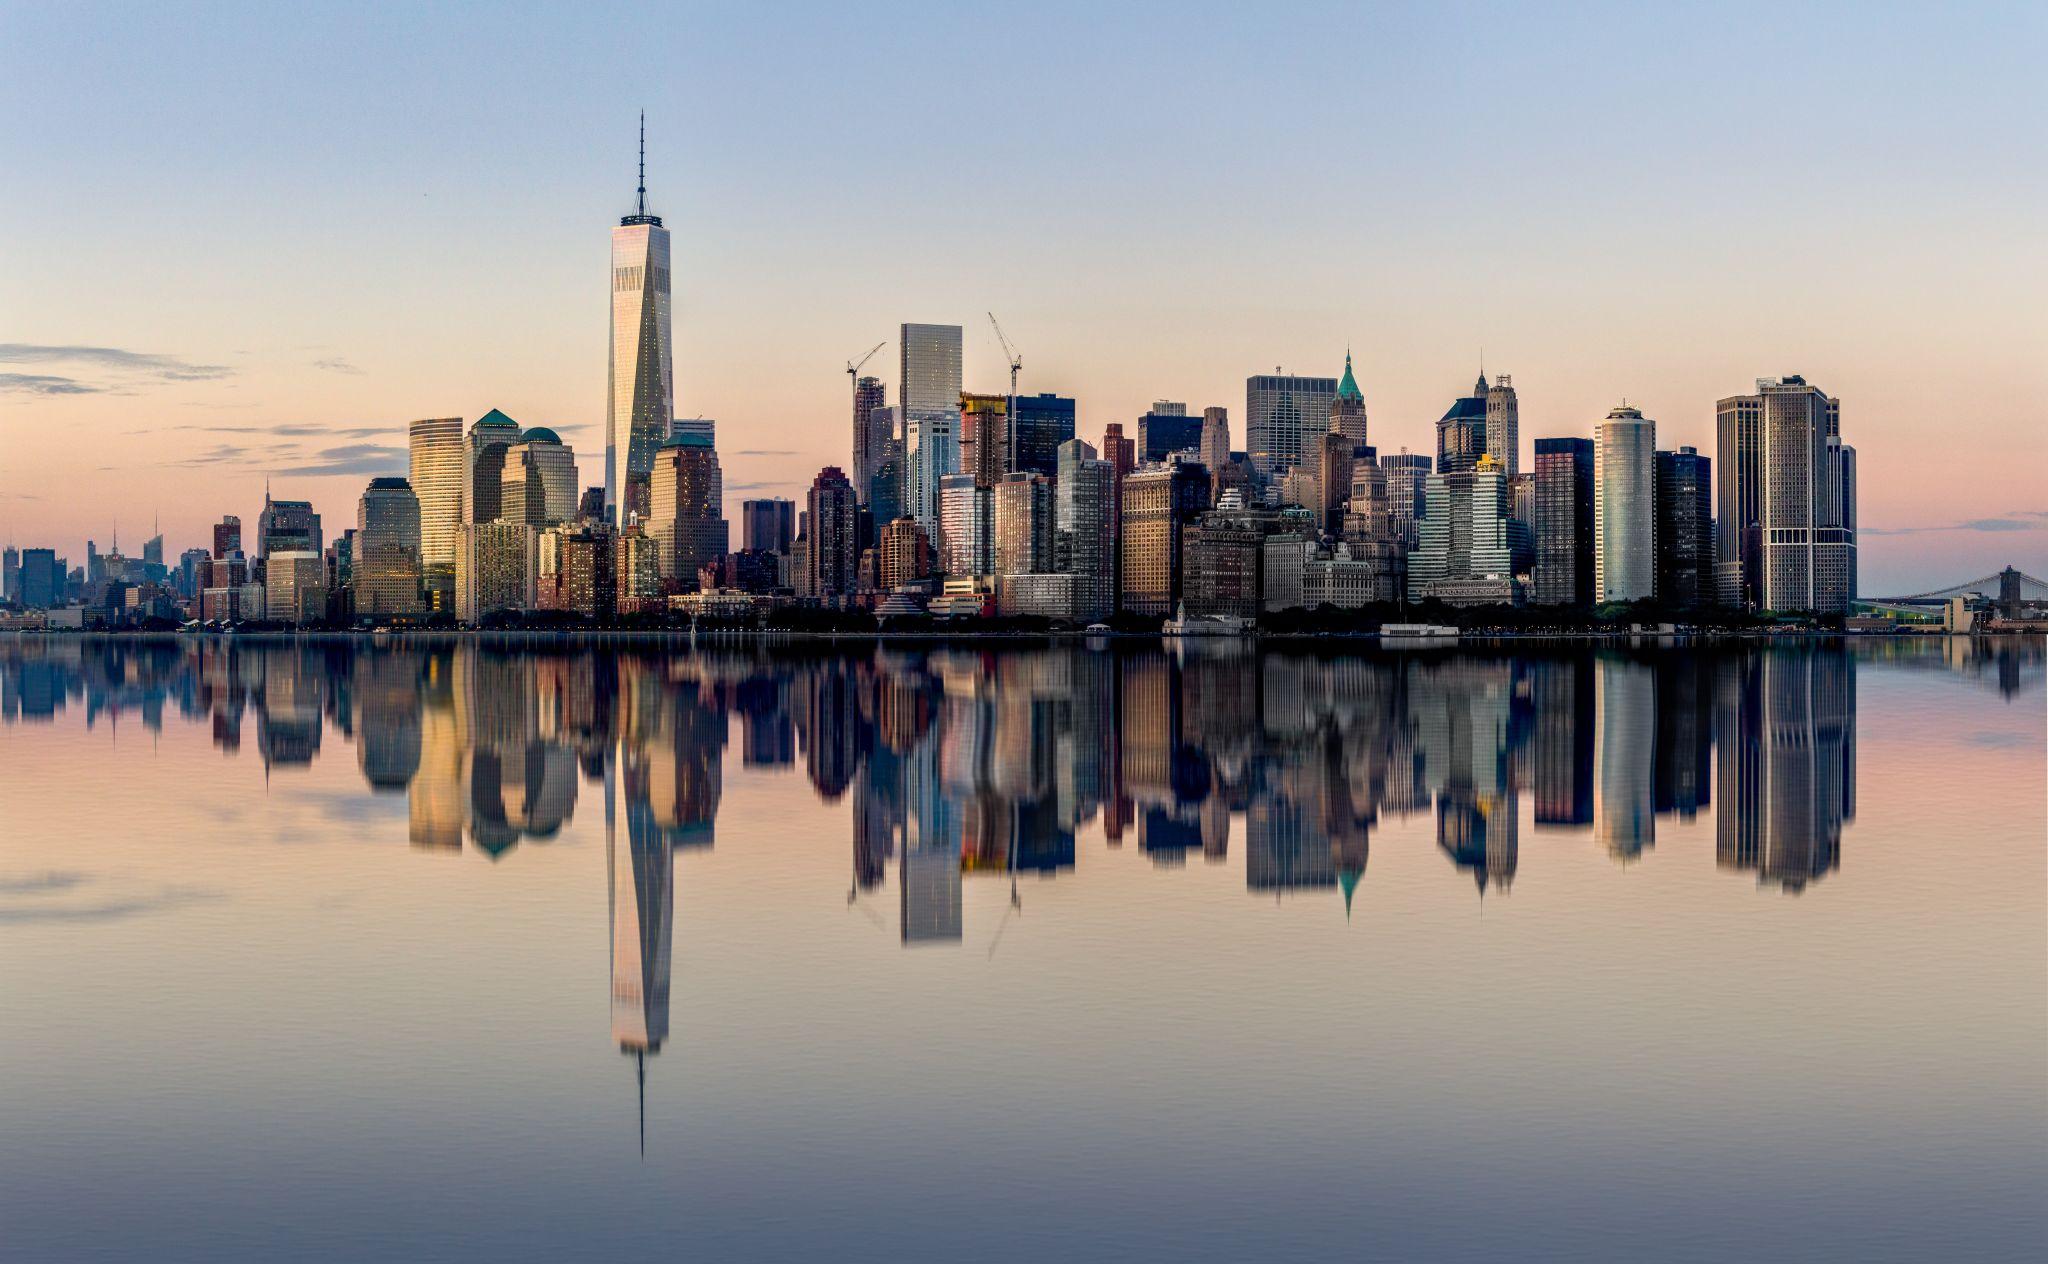 Manhattan skyline from Staten Island Ferry, USA